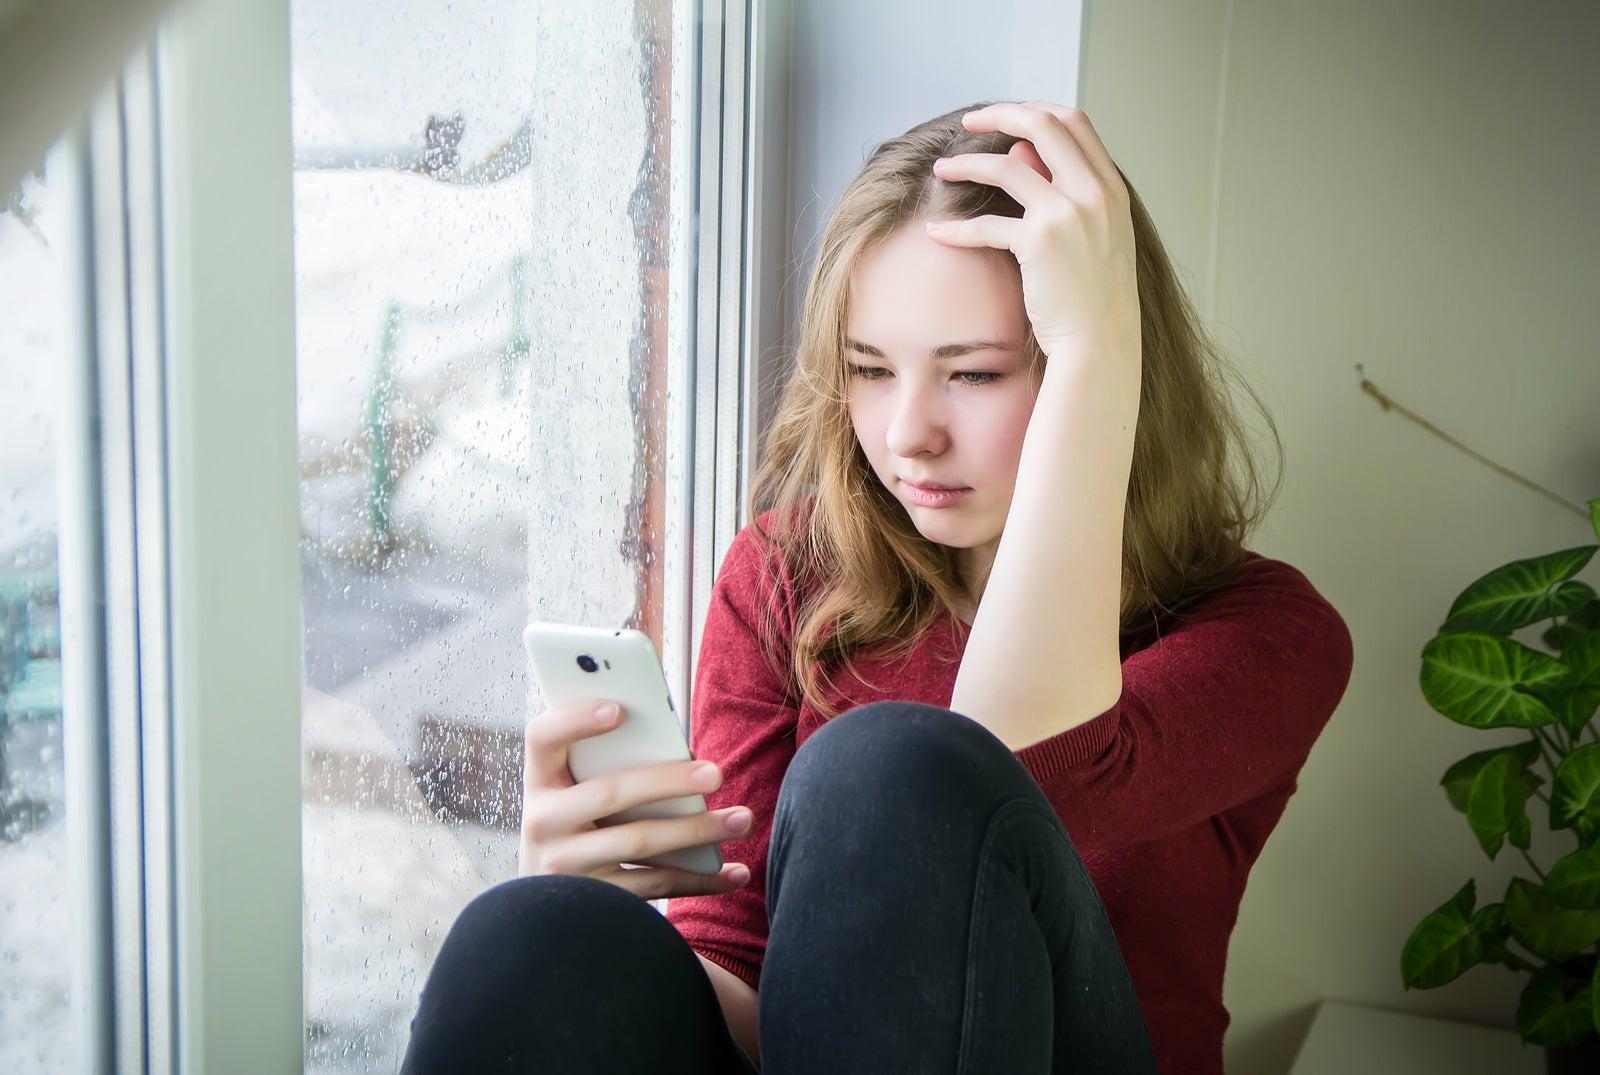 Adolescente con el móvil de la mano sufriendo el síndrome del adolescente normal.